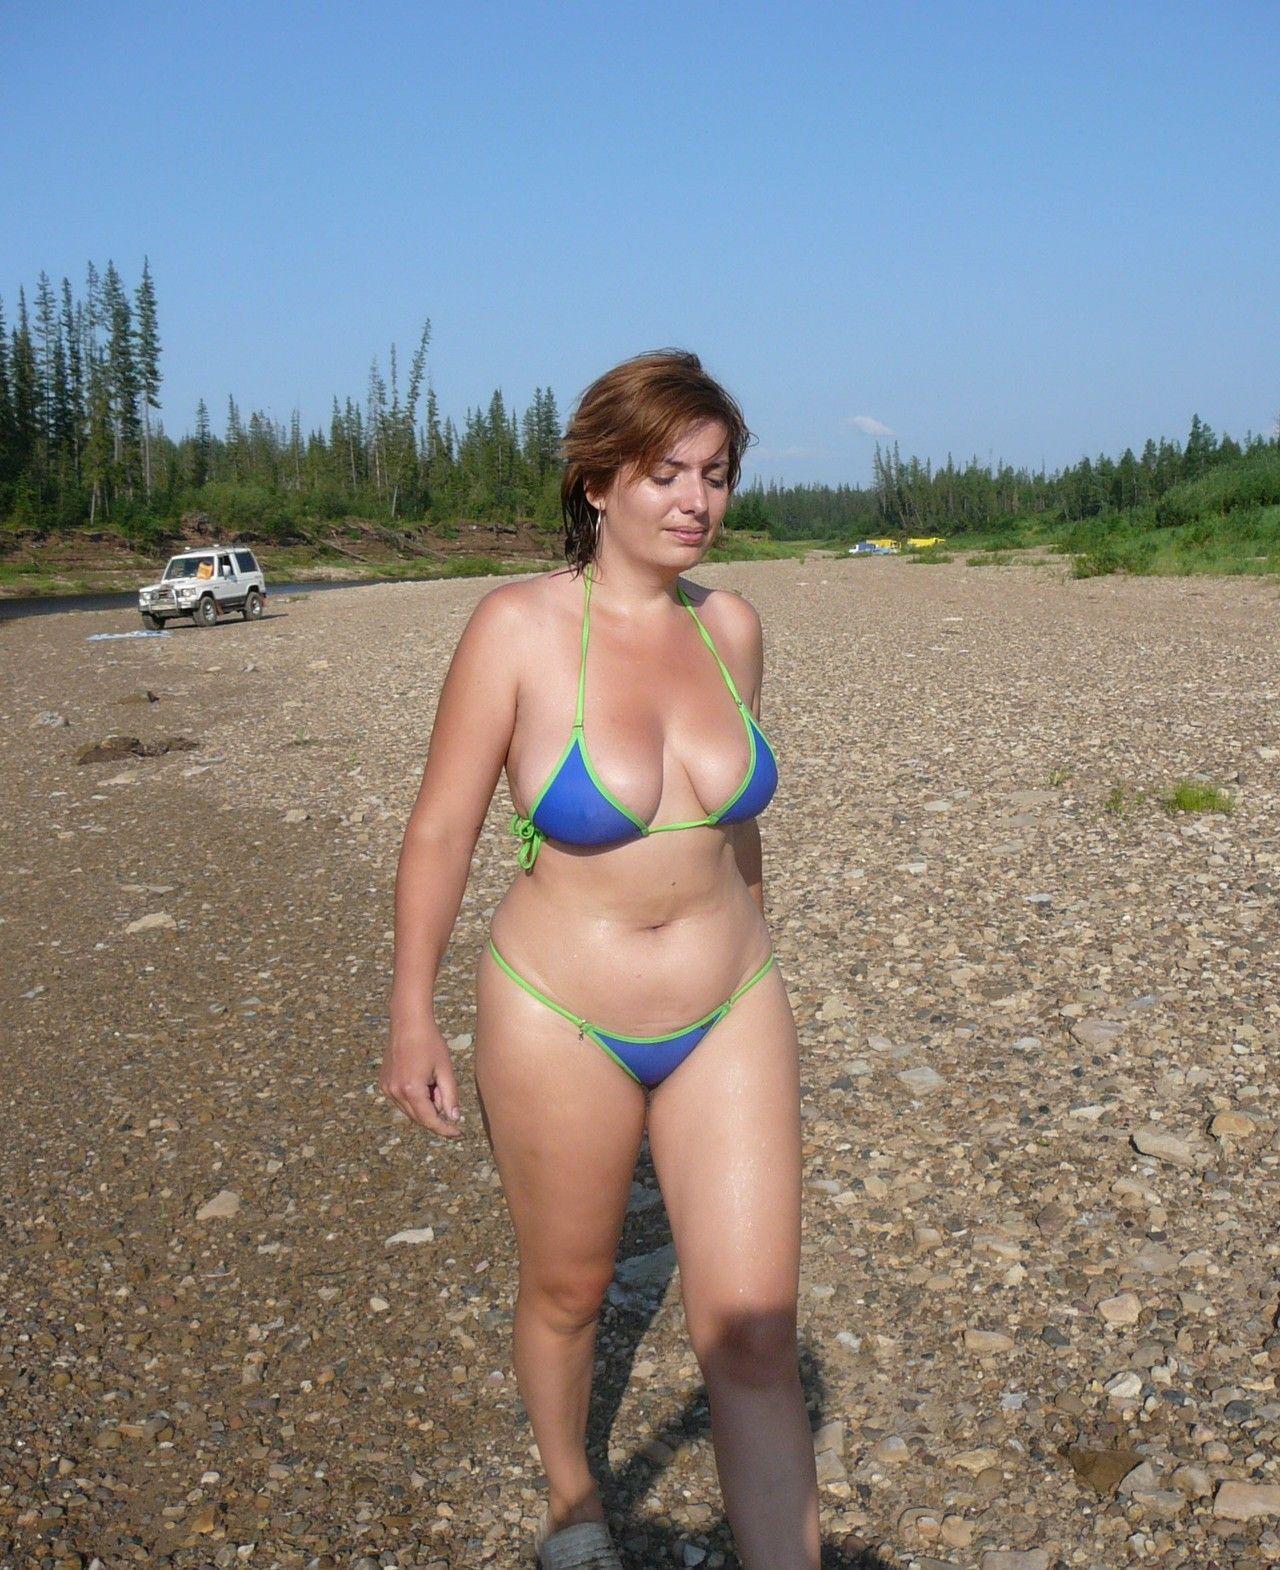 milf bikini